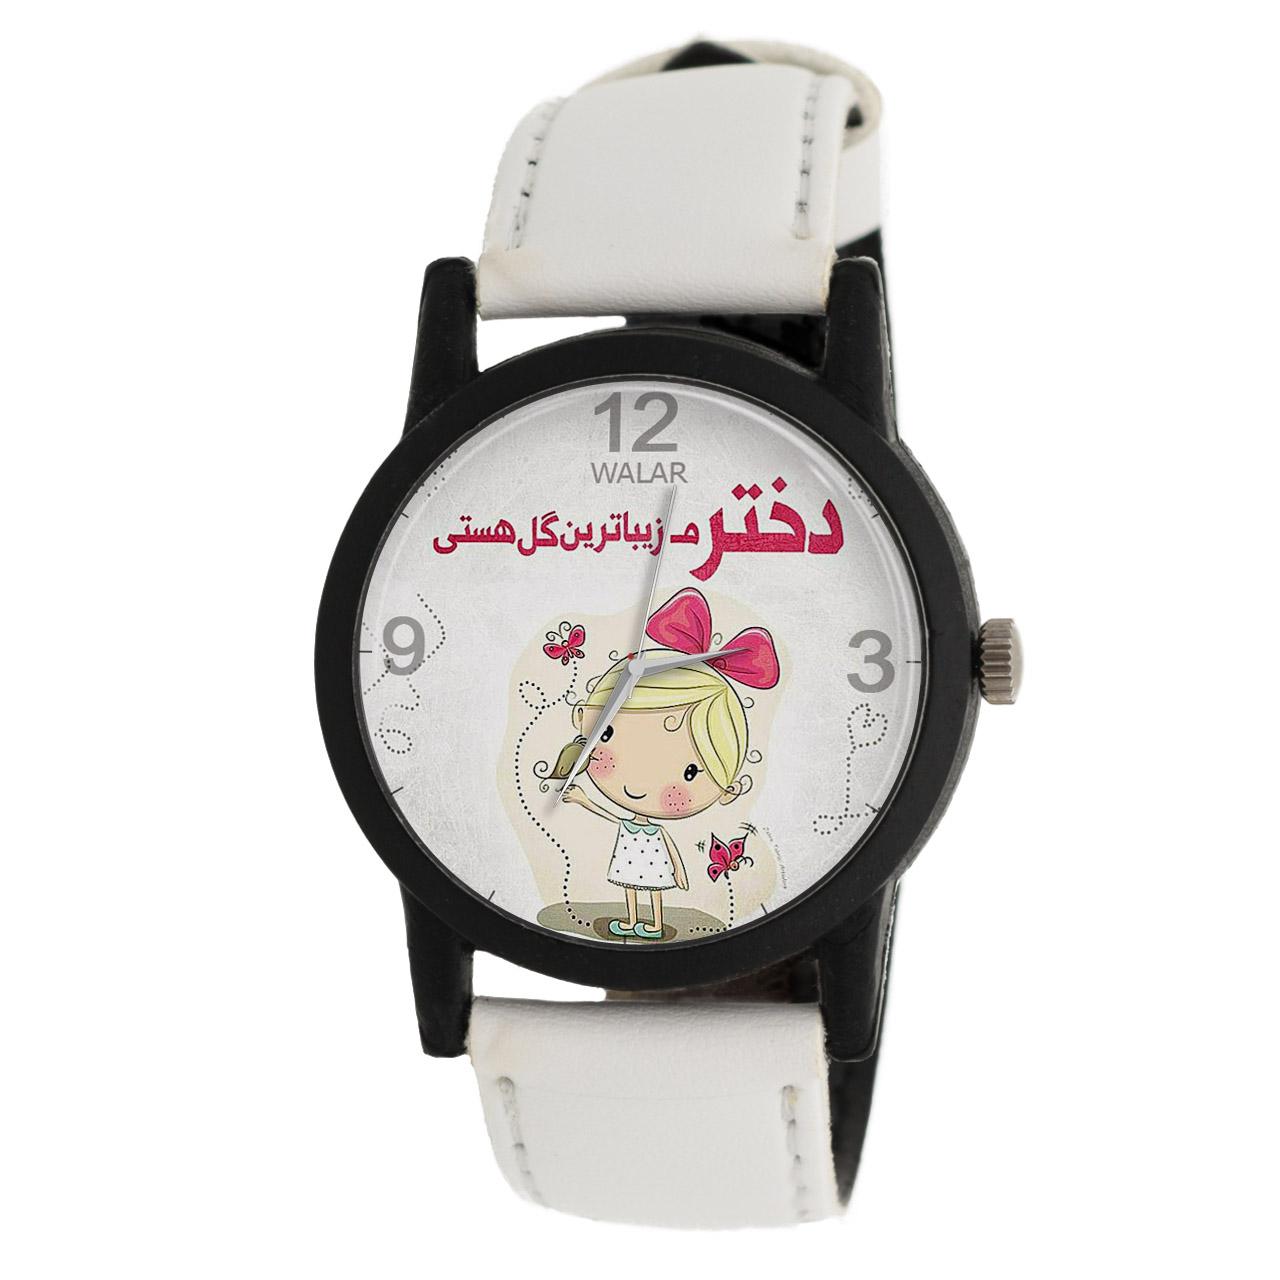 ساعت مچی عقربه ای زنانه والار مدل LF1466 32